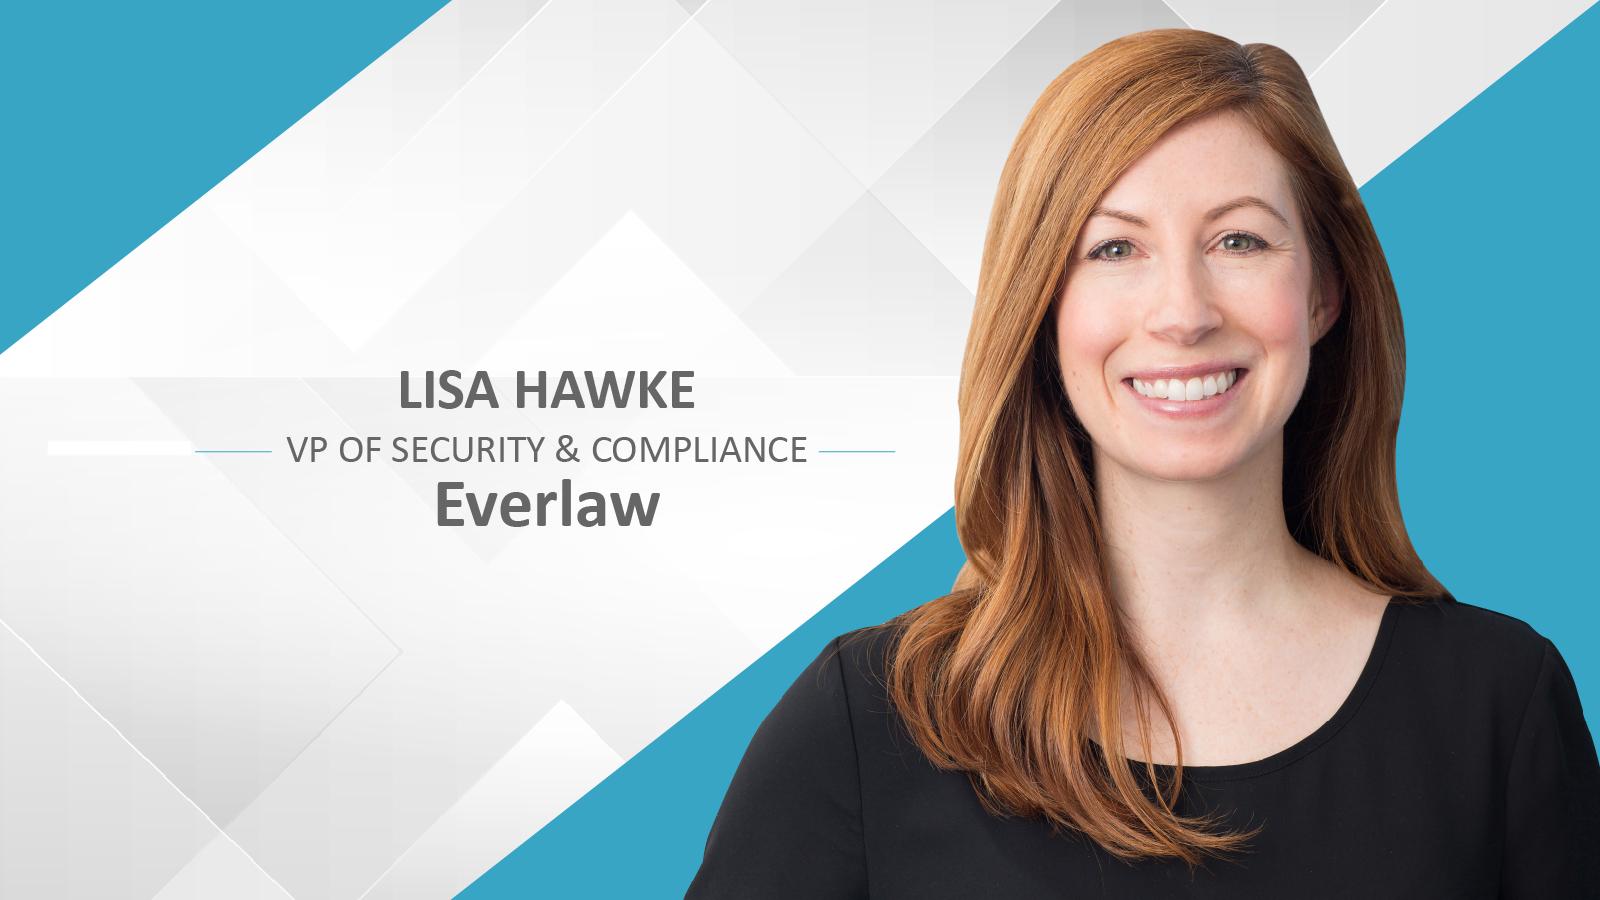 LISA HAWKE